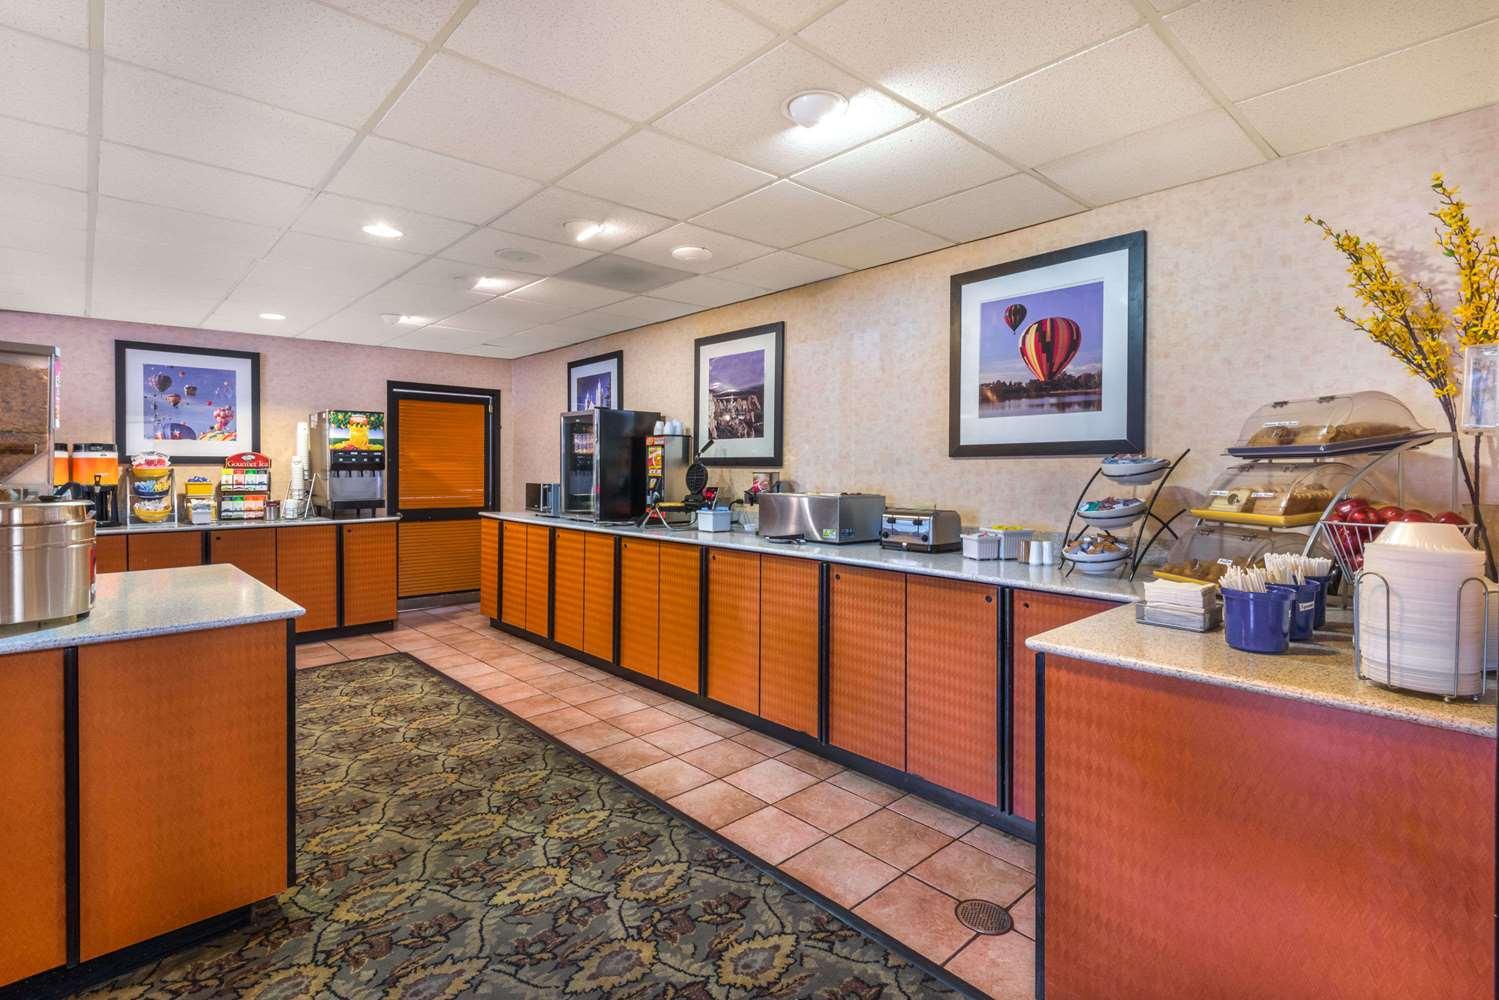 proam - Days Inn & Suites North Albuquerque